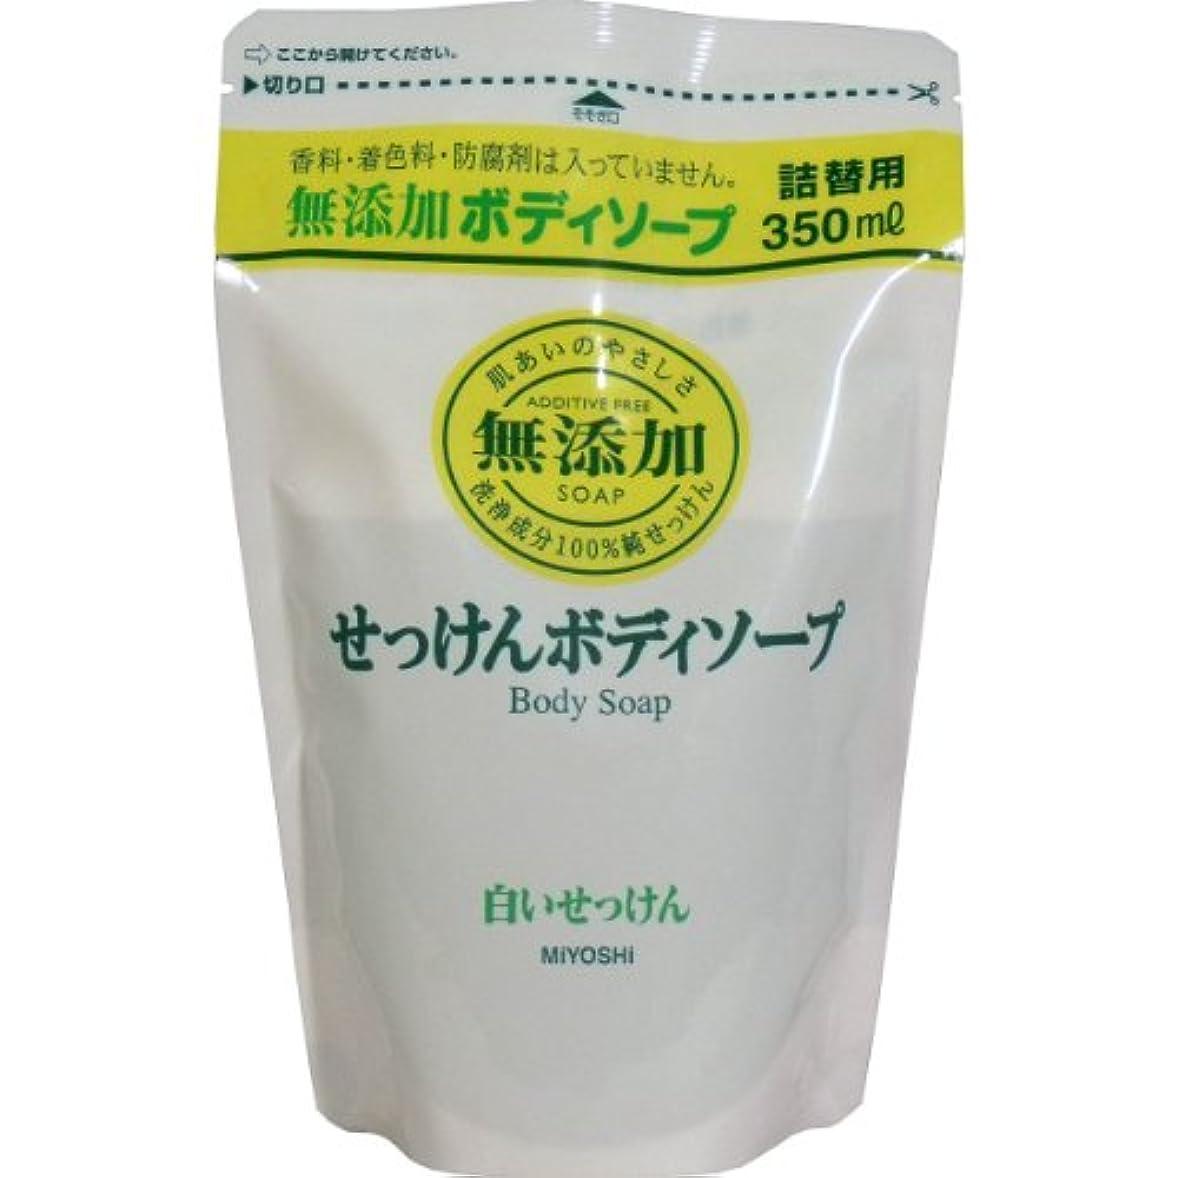 タンザニア剥ぎ取る偏見無添加 ボディソープ 白い石けん つめかえ用 350ml(無添加石鹸) 7セット